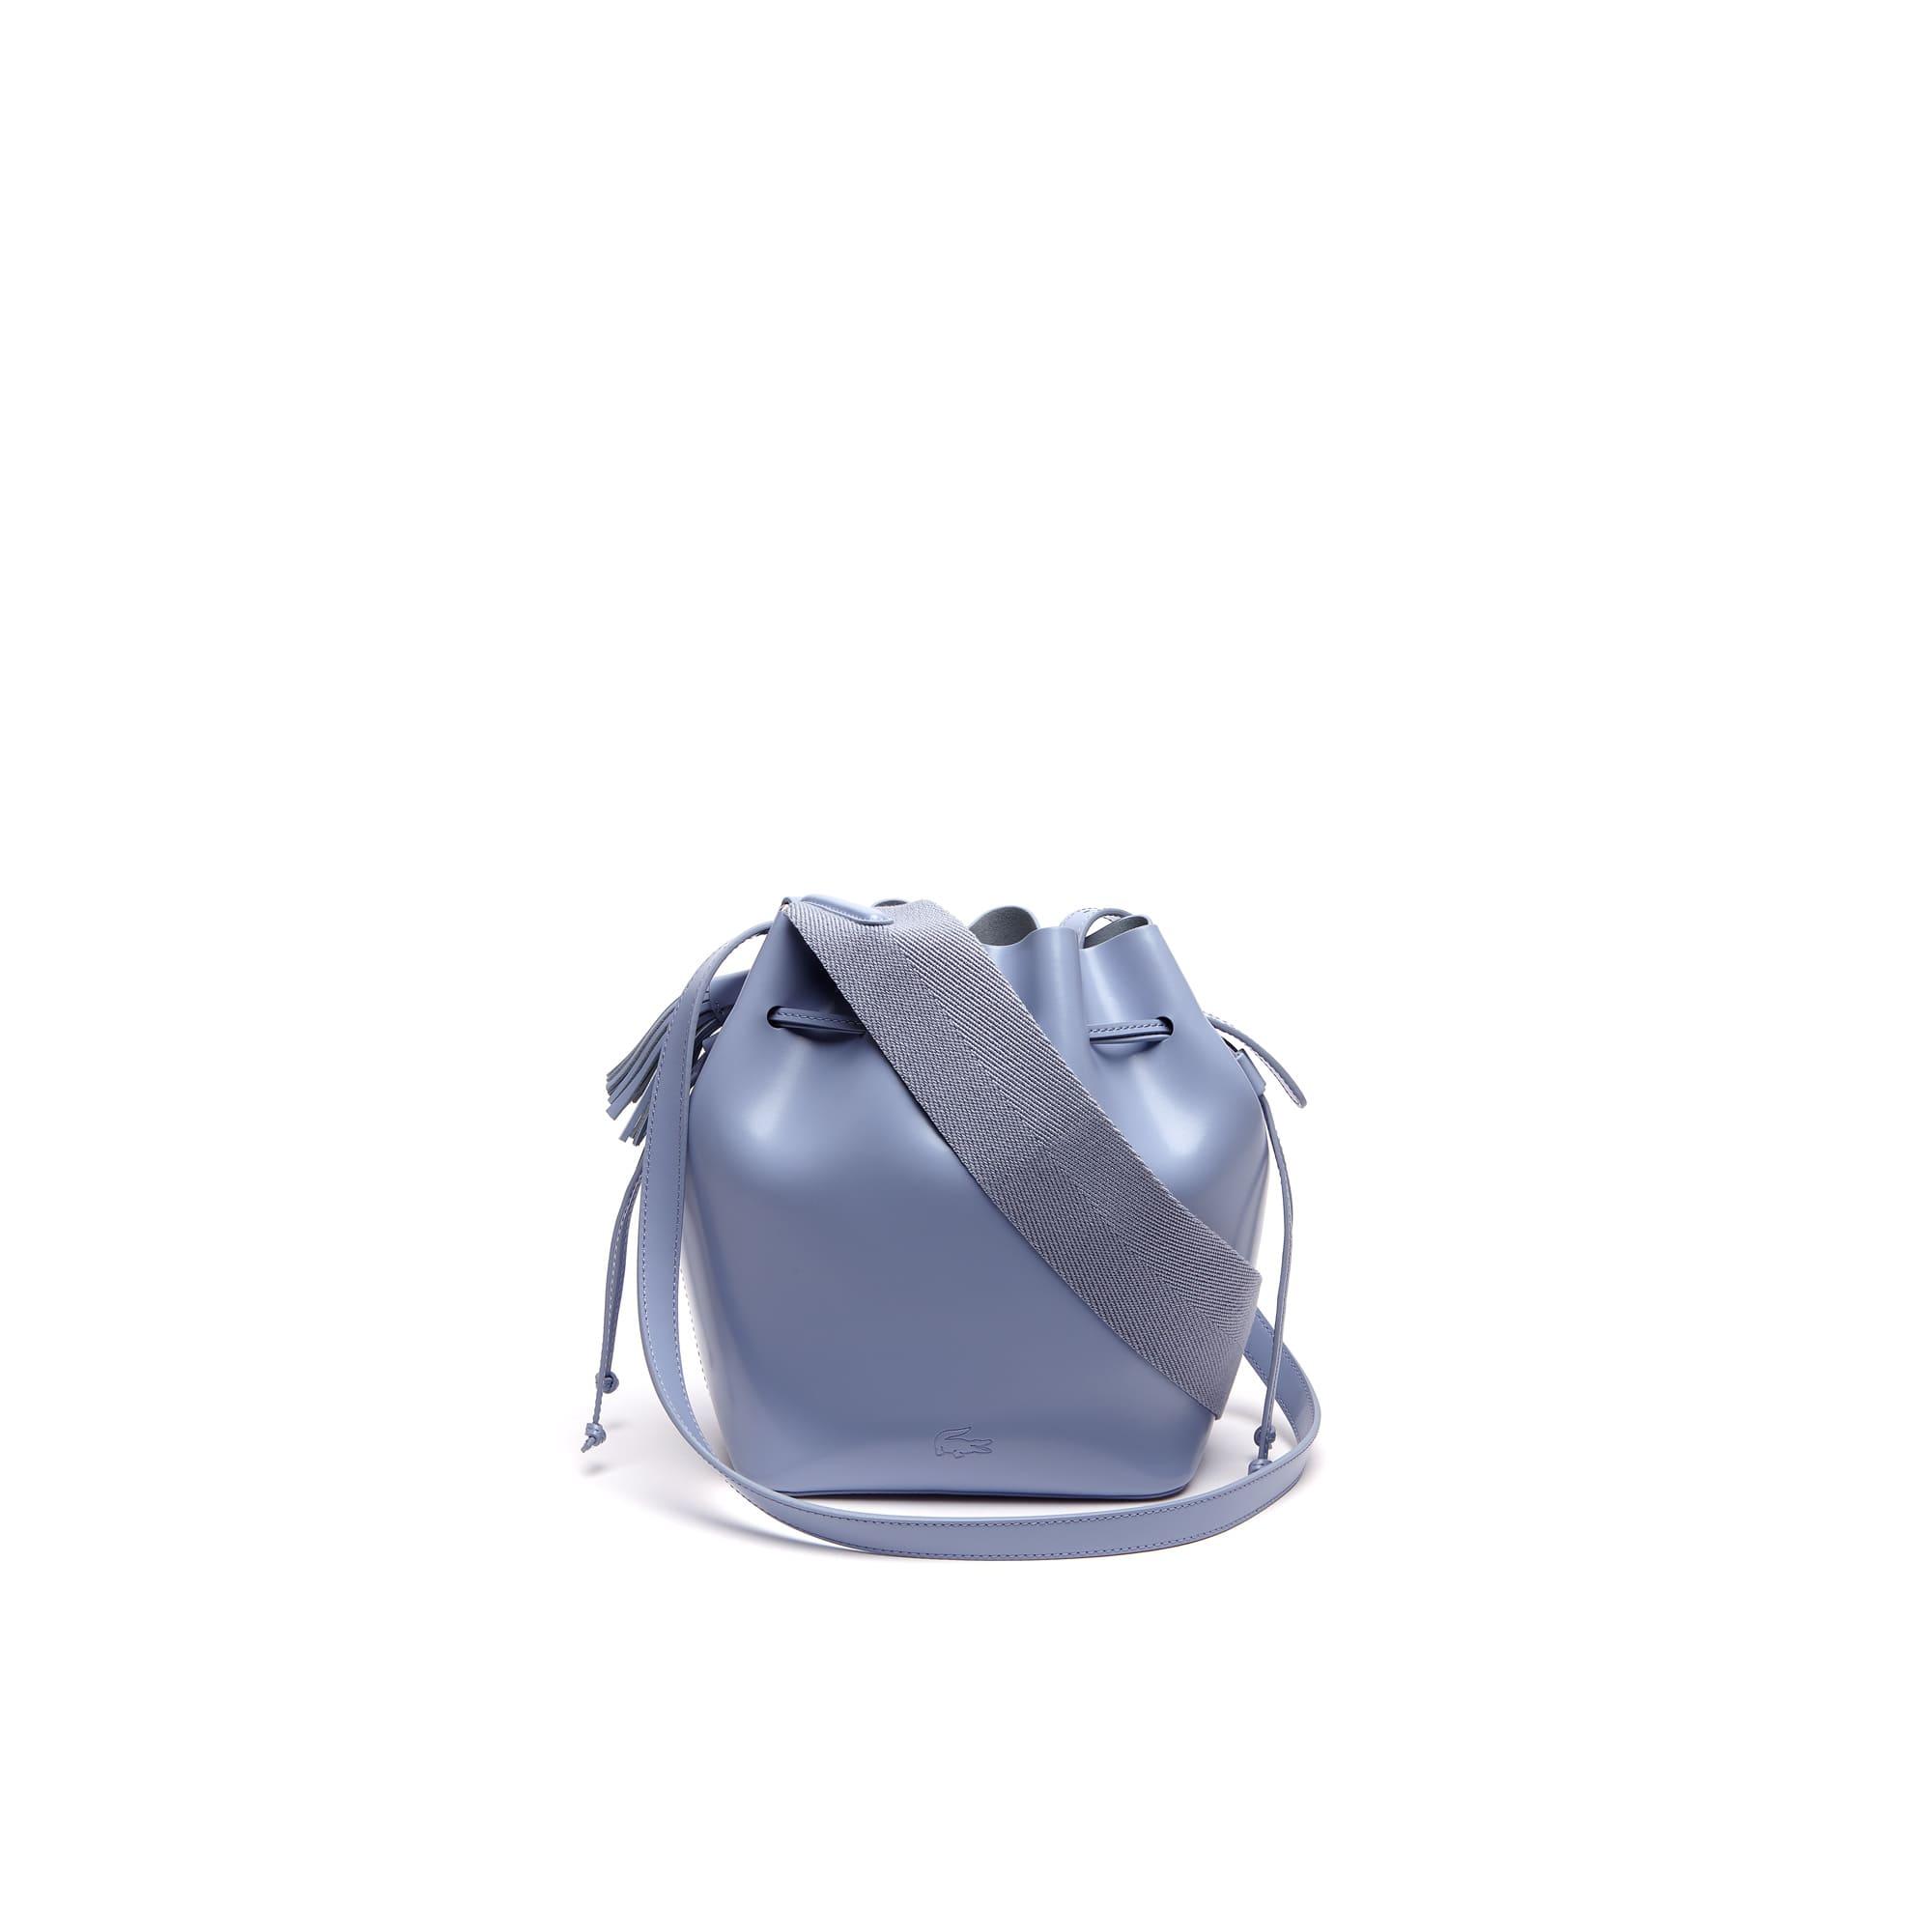 Street Live bucketbag van gecoat leer